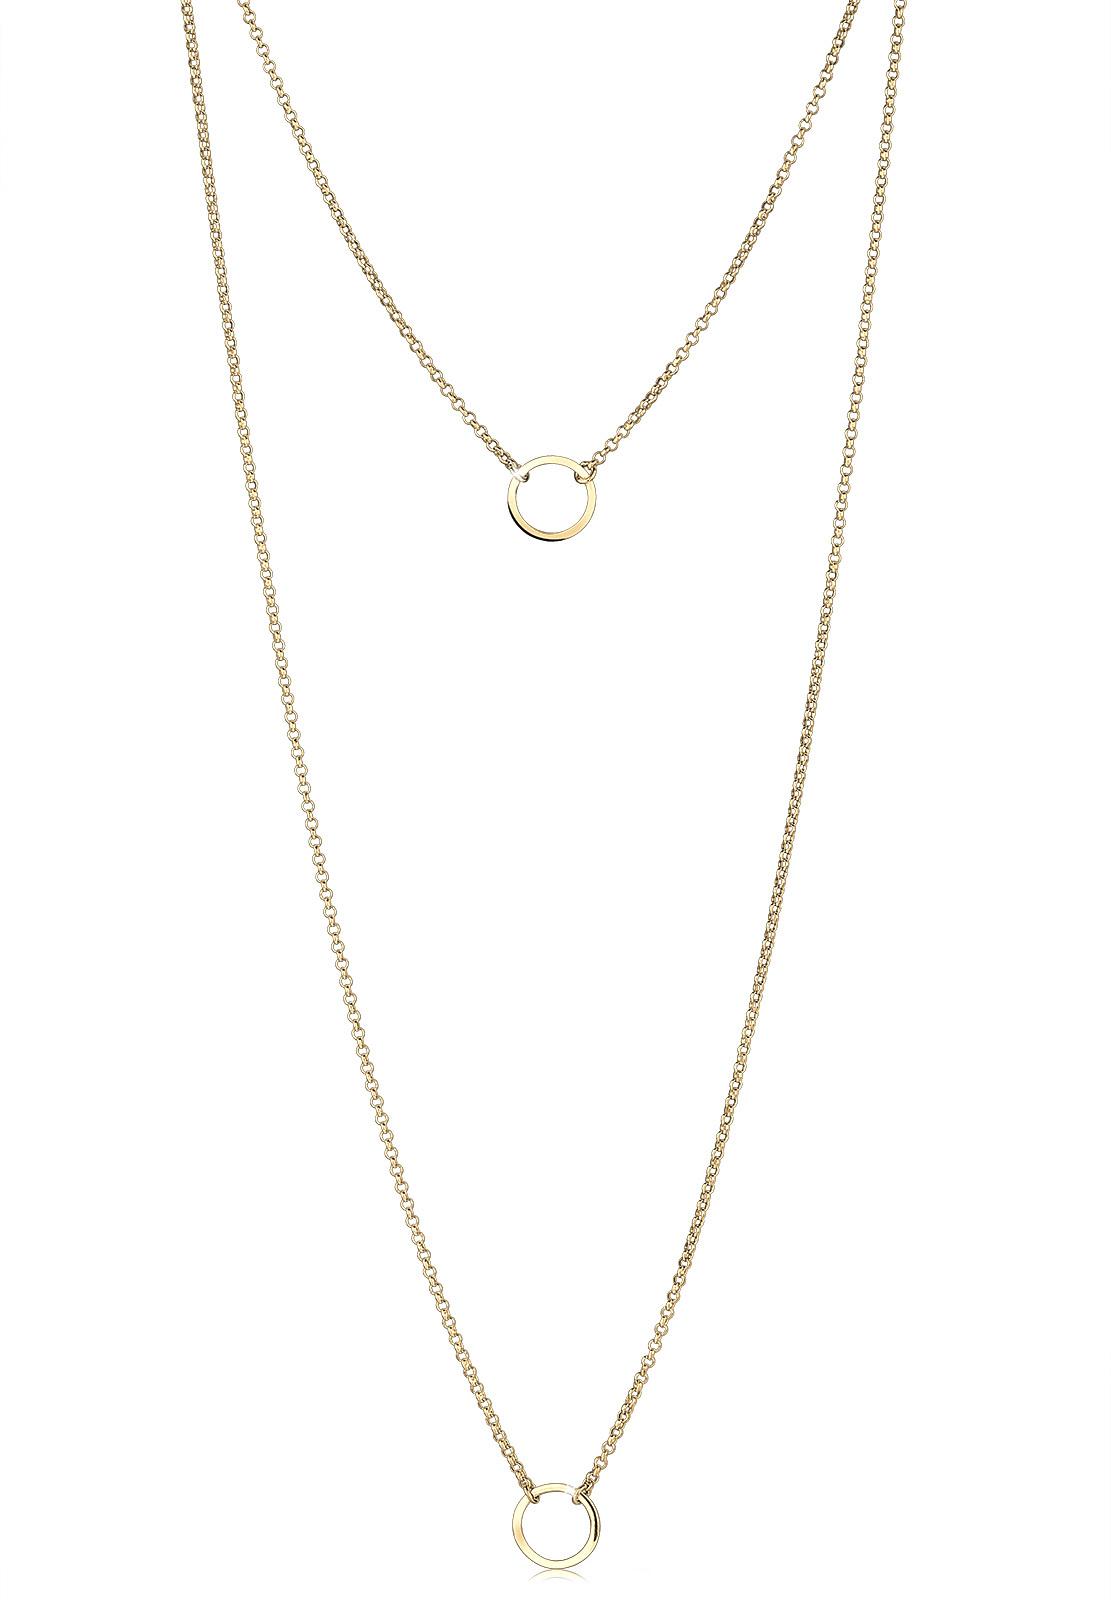 Lange Halskette Geo | 925 Sterling Silber vergoldet